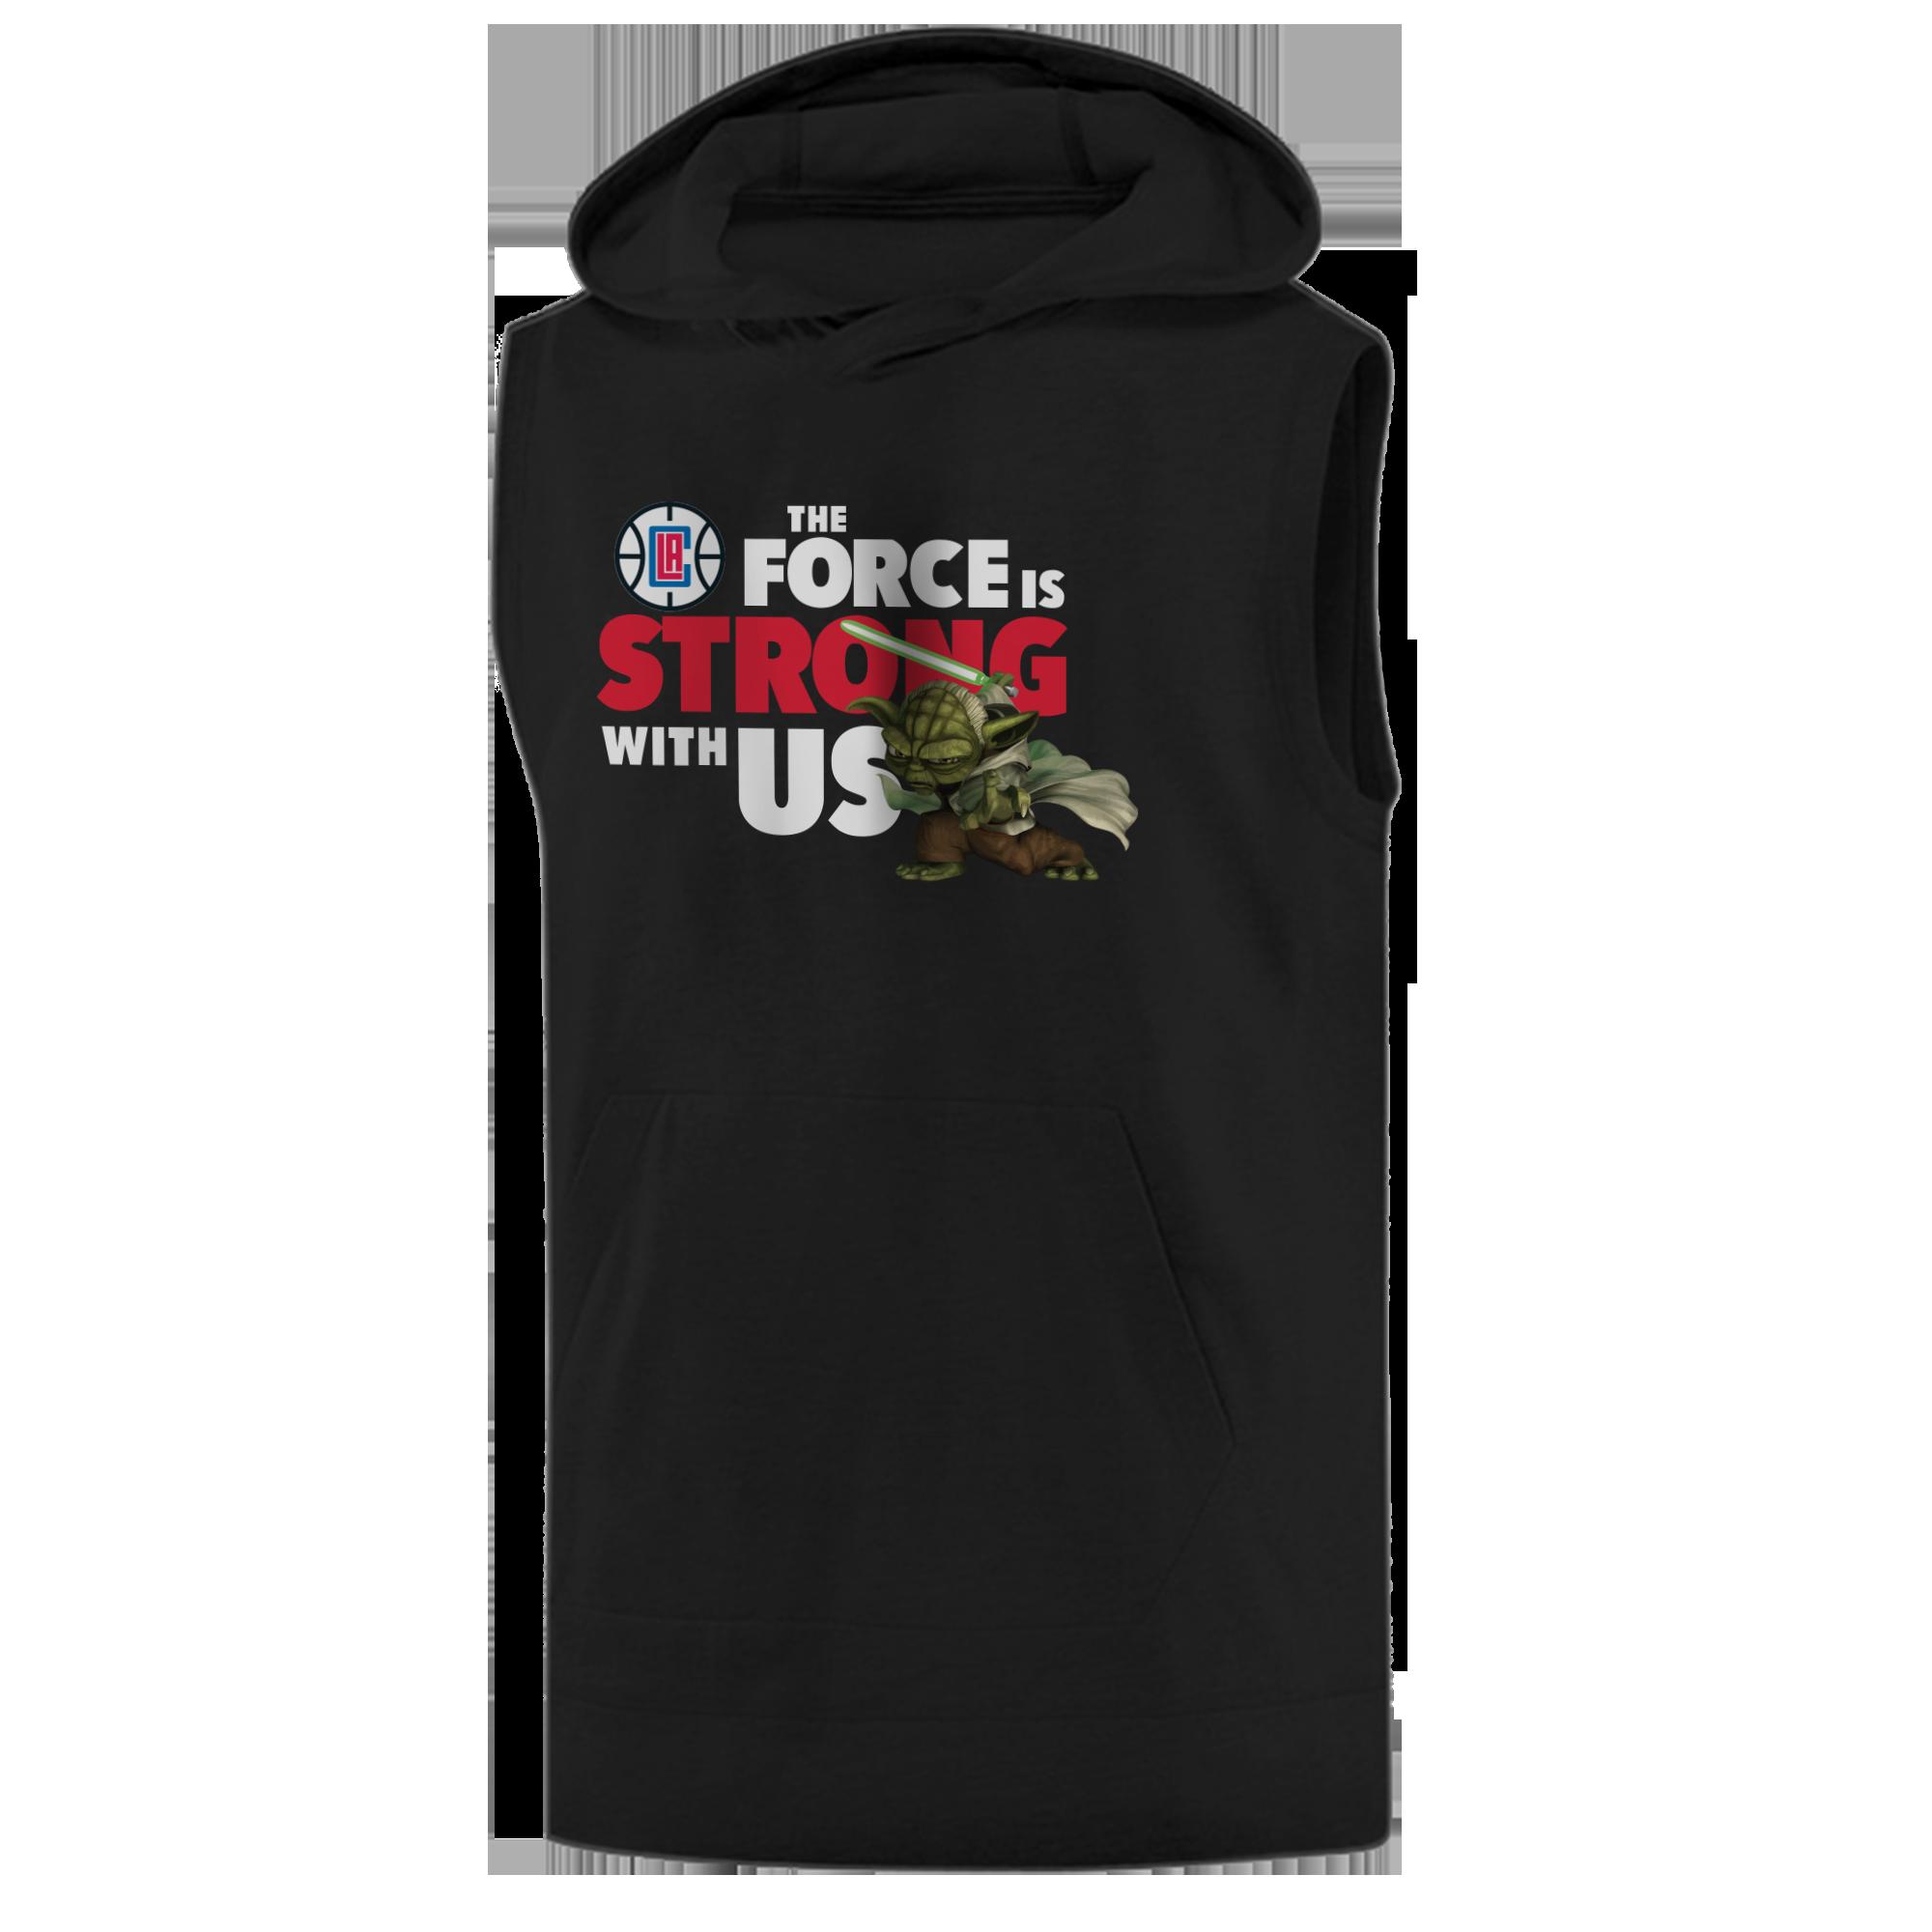 L.A. Clippers JEDI Sleeveless (KLS-BLC-NP-301-NBA-LAC-JEDI)